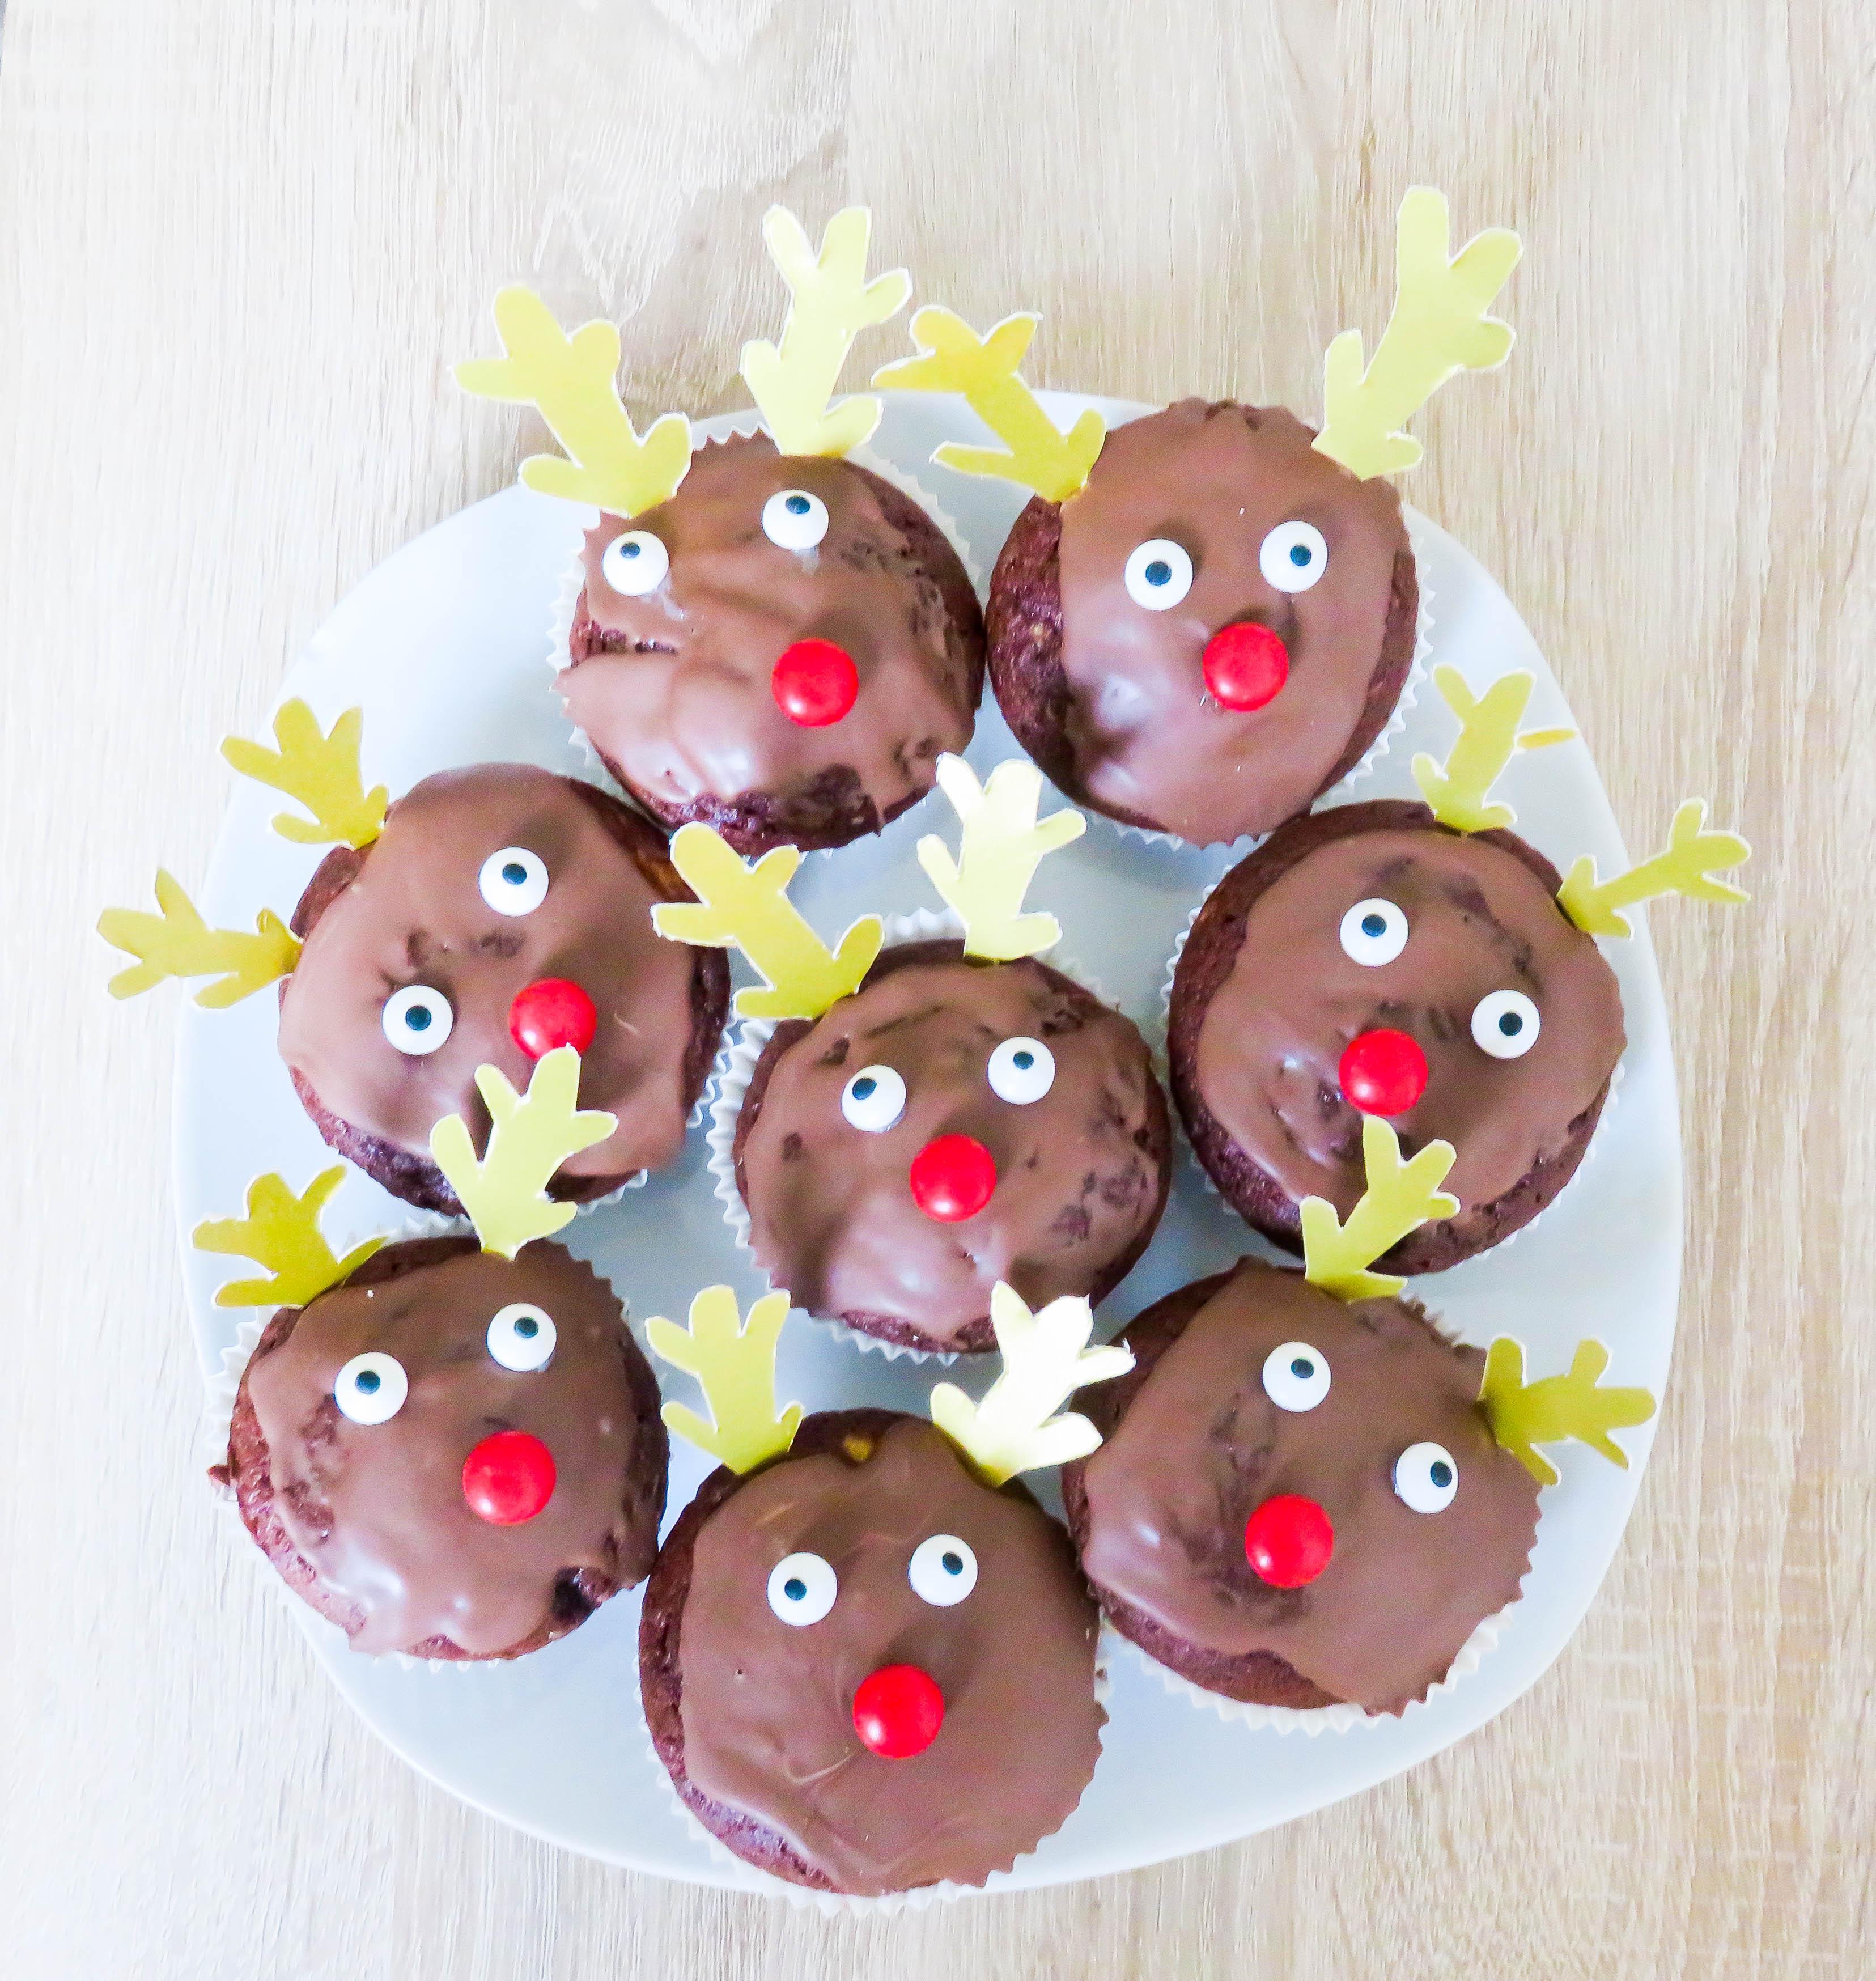 weihnachtliche muffins im rentierkost m bonbont te. Black Bedroom Furniture Sets. Home Design Ideas